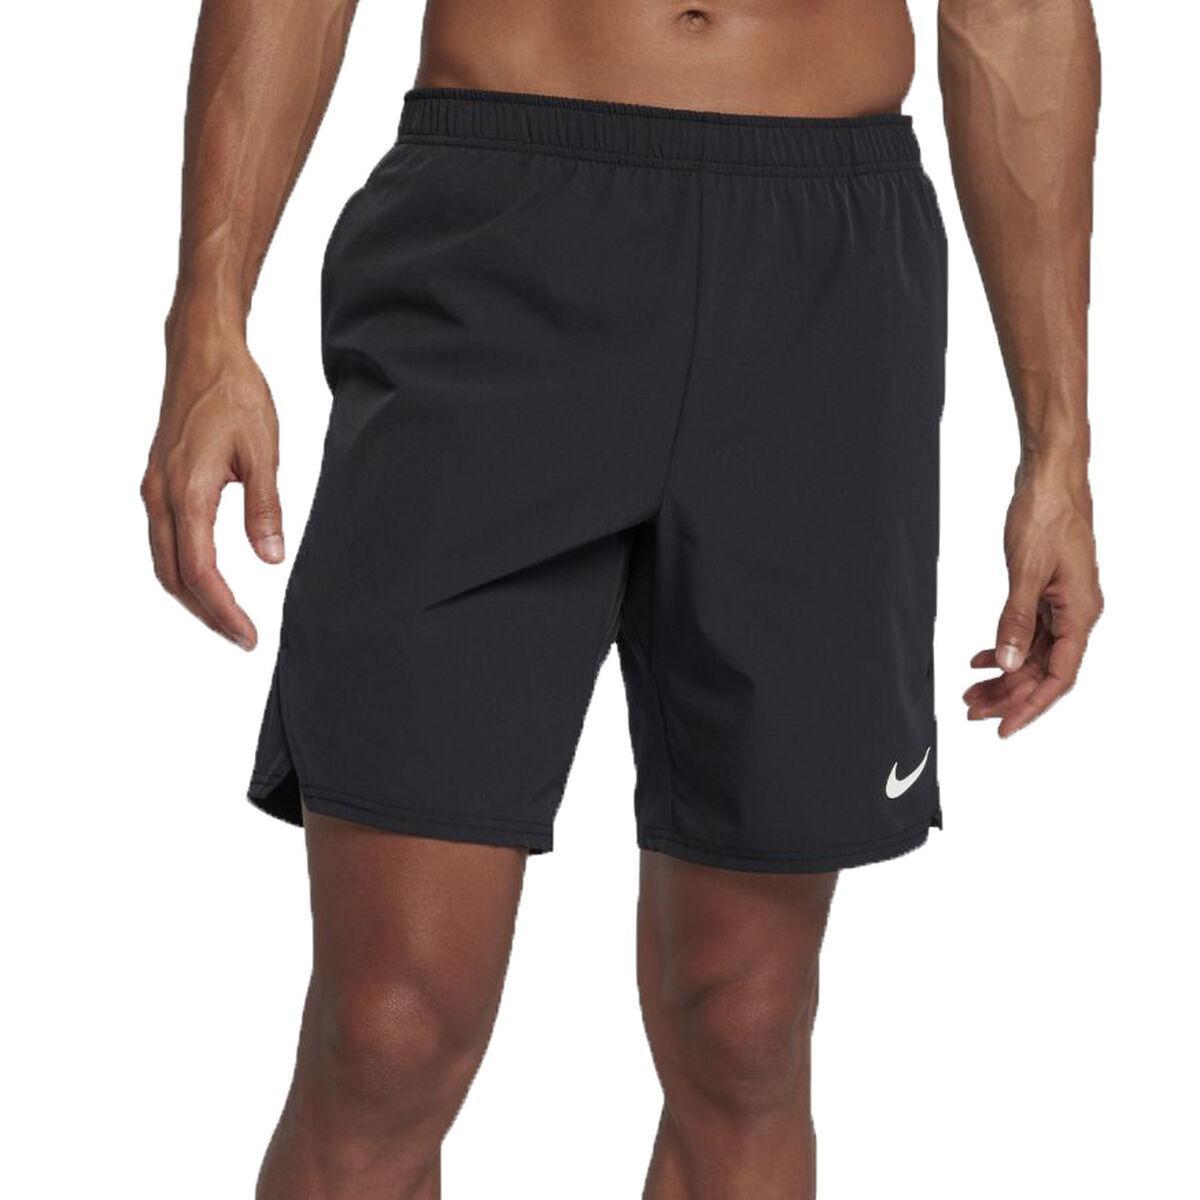 17aa51dcb13a Images. NikeCourt Flex Ace 9 quot  Tennis Shorts